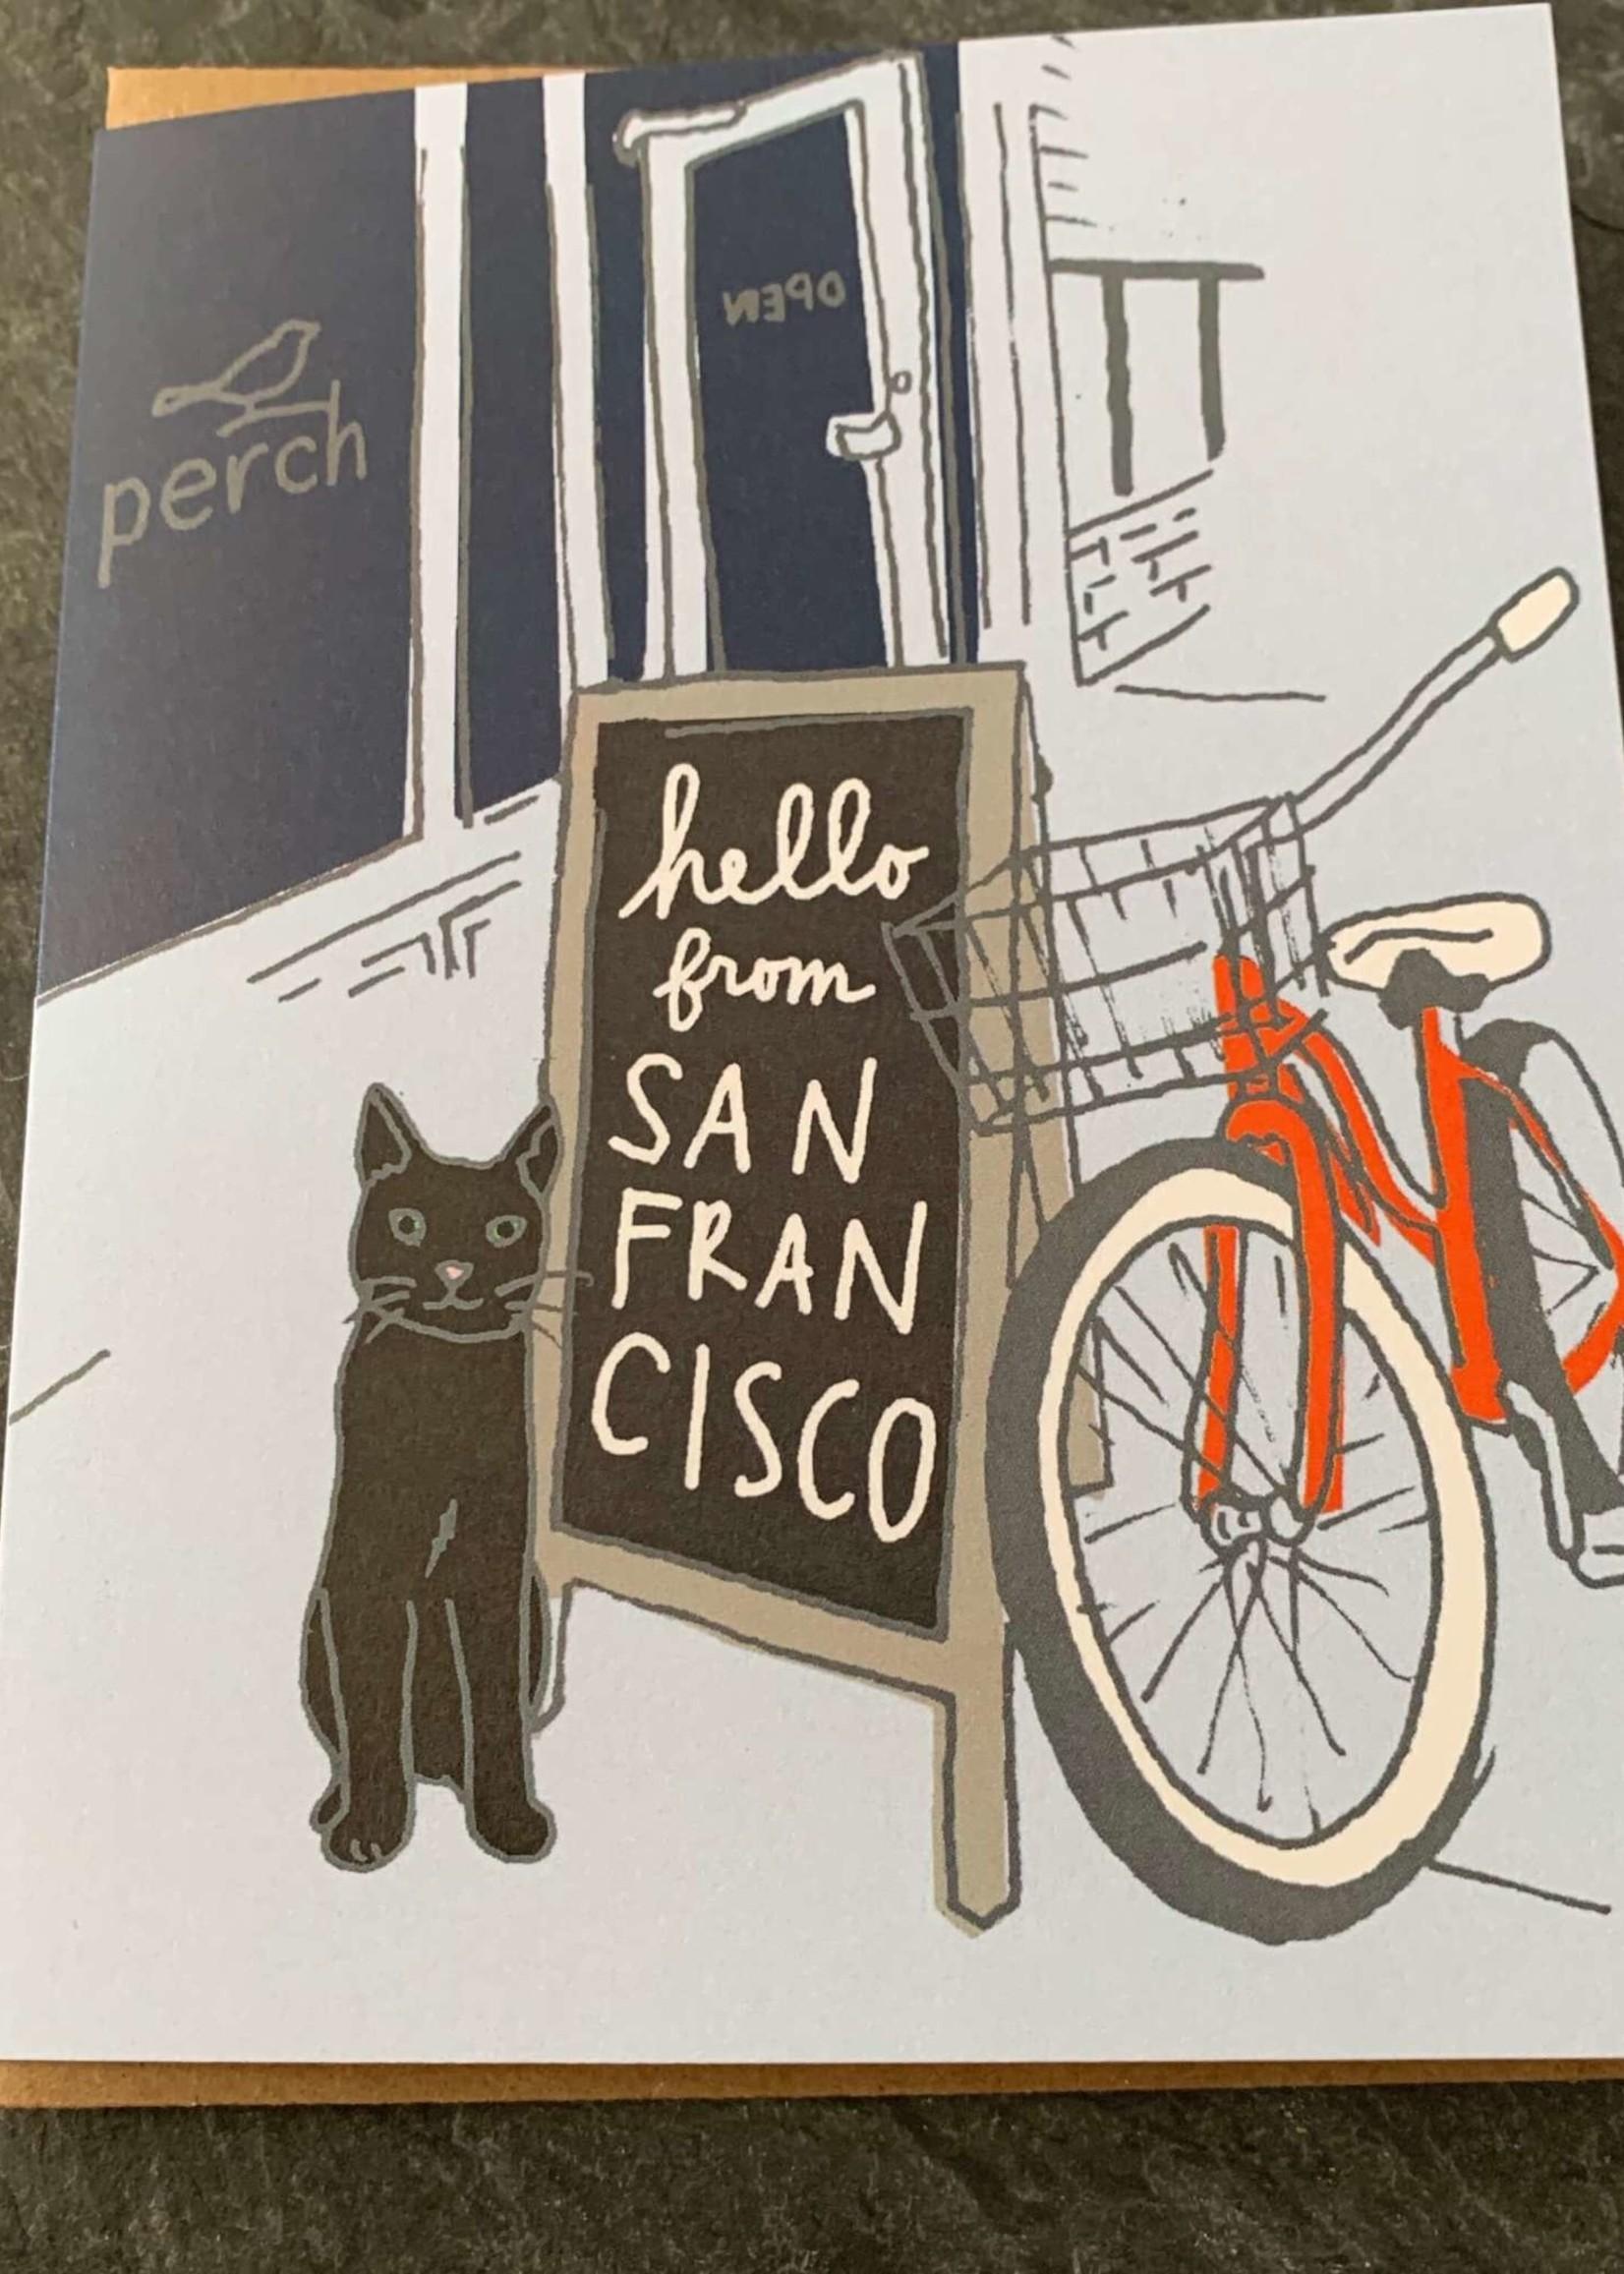 La Familia Green Perch Storefront Everyday Card